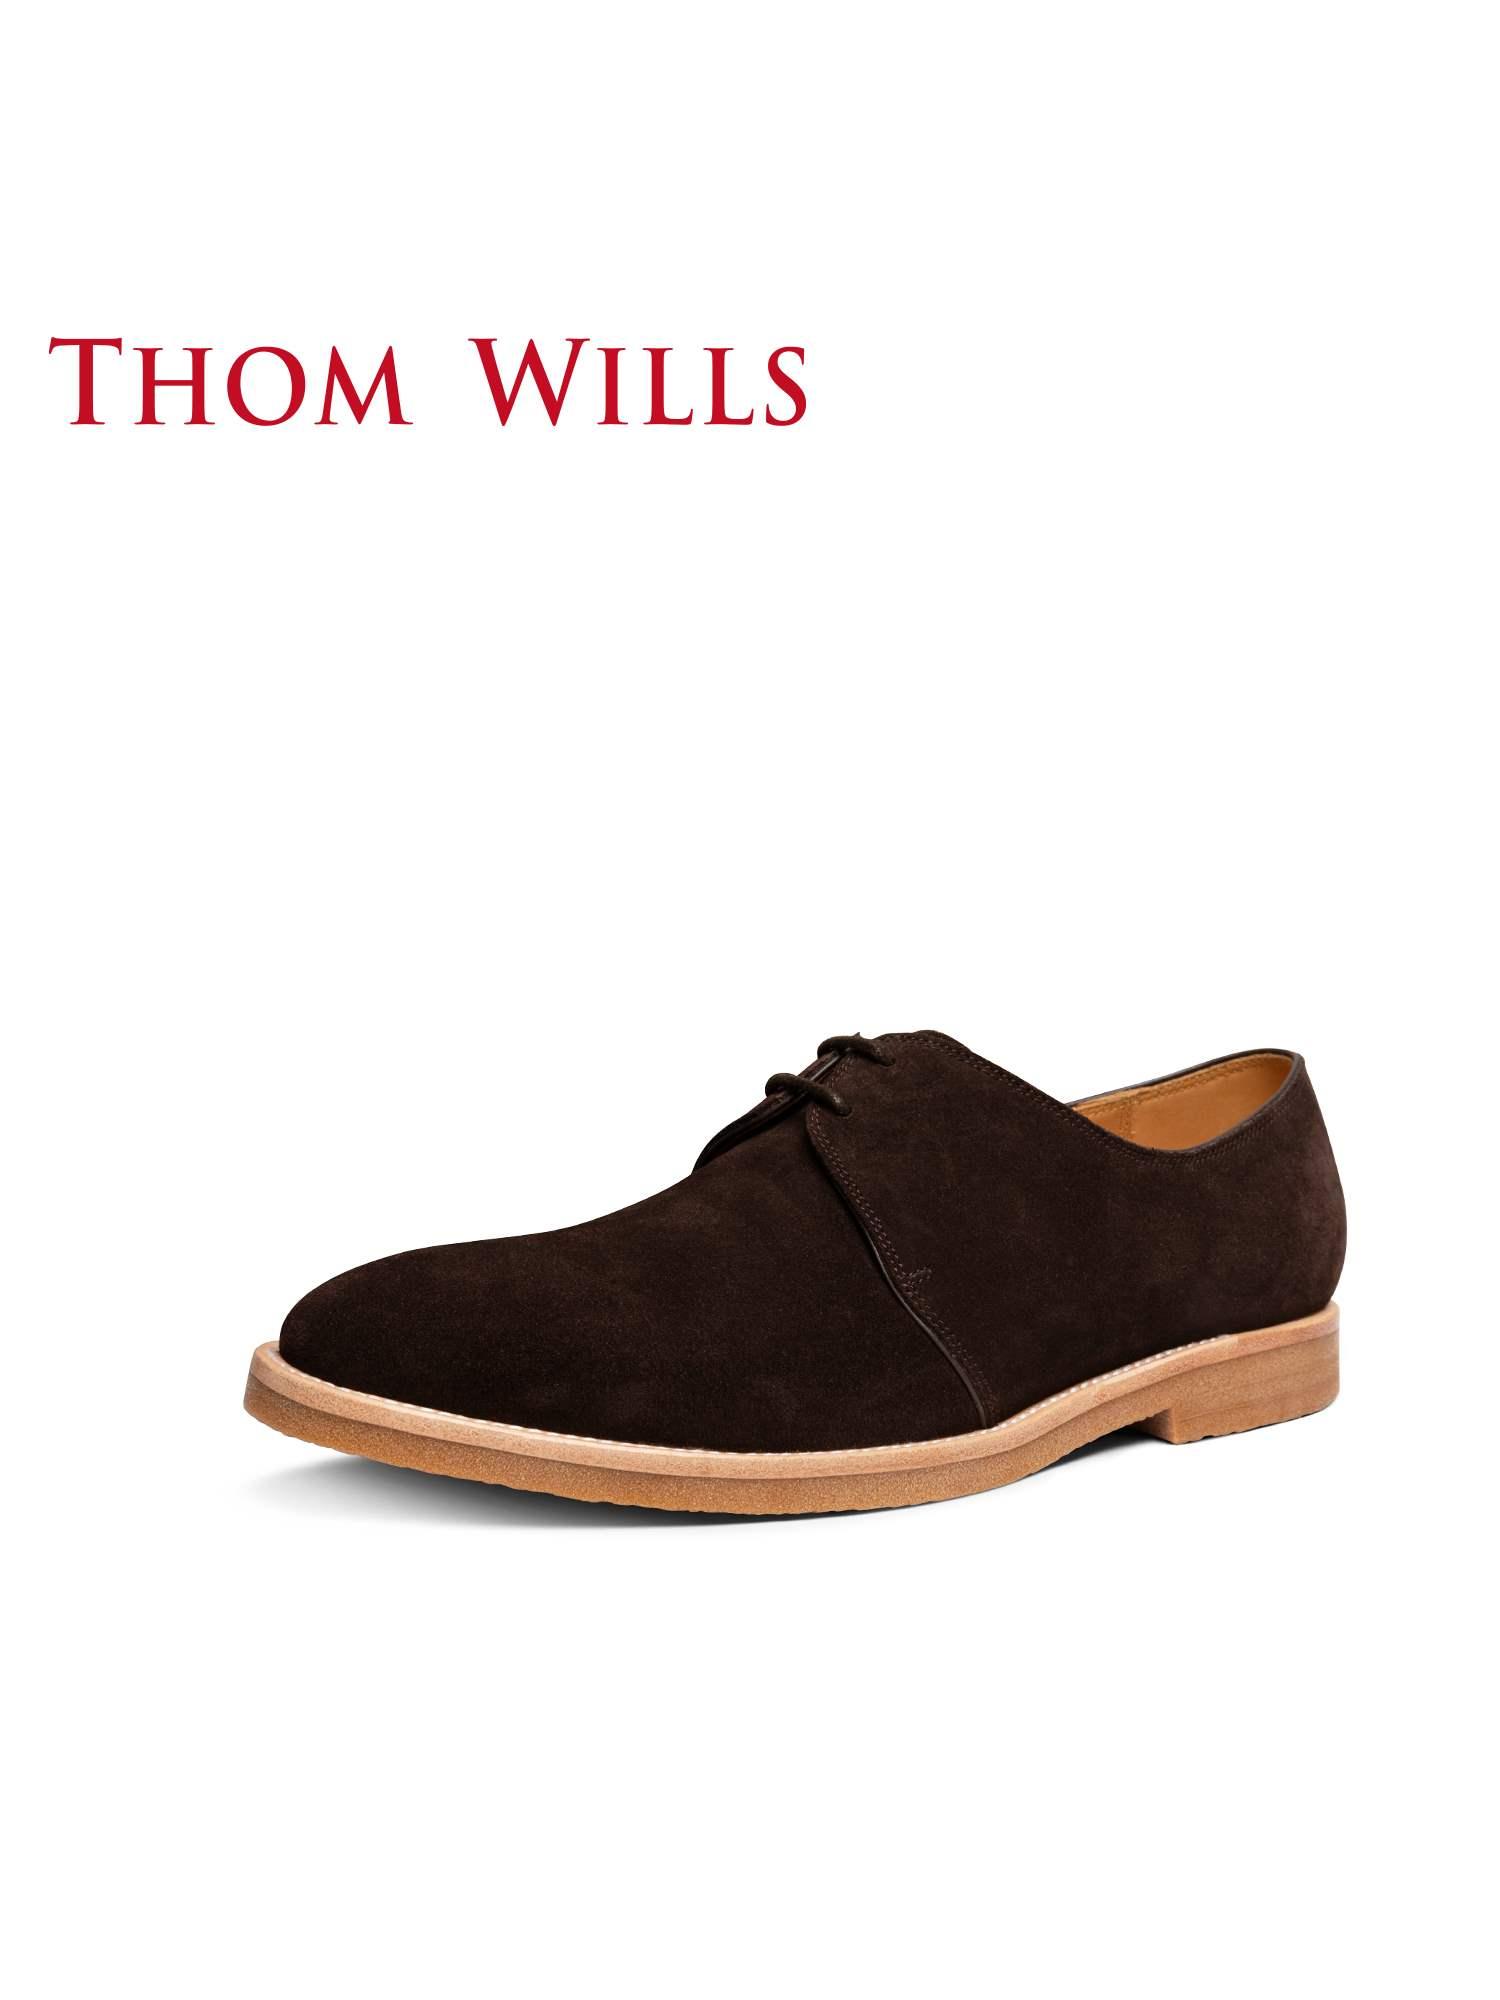 正品ThomWills男鞋反绒皮鞋男休闲复古商务英伦德比鞋低帮沙漠鞋